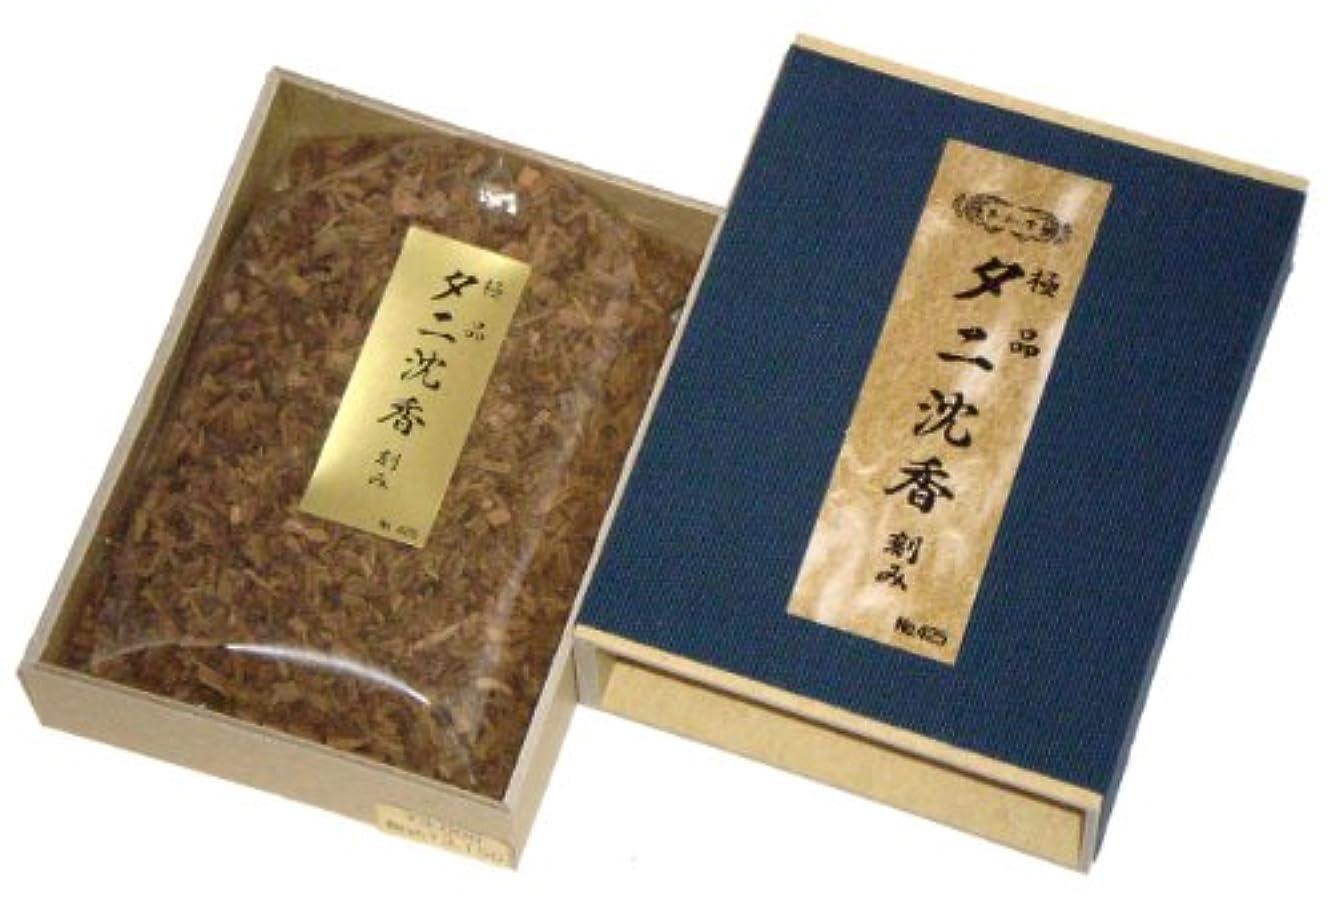 経験観客ブリーフケース玉初堂のお香 極品タニ沈香 刻み 化粧箱(布貼)入 #425